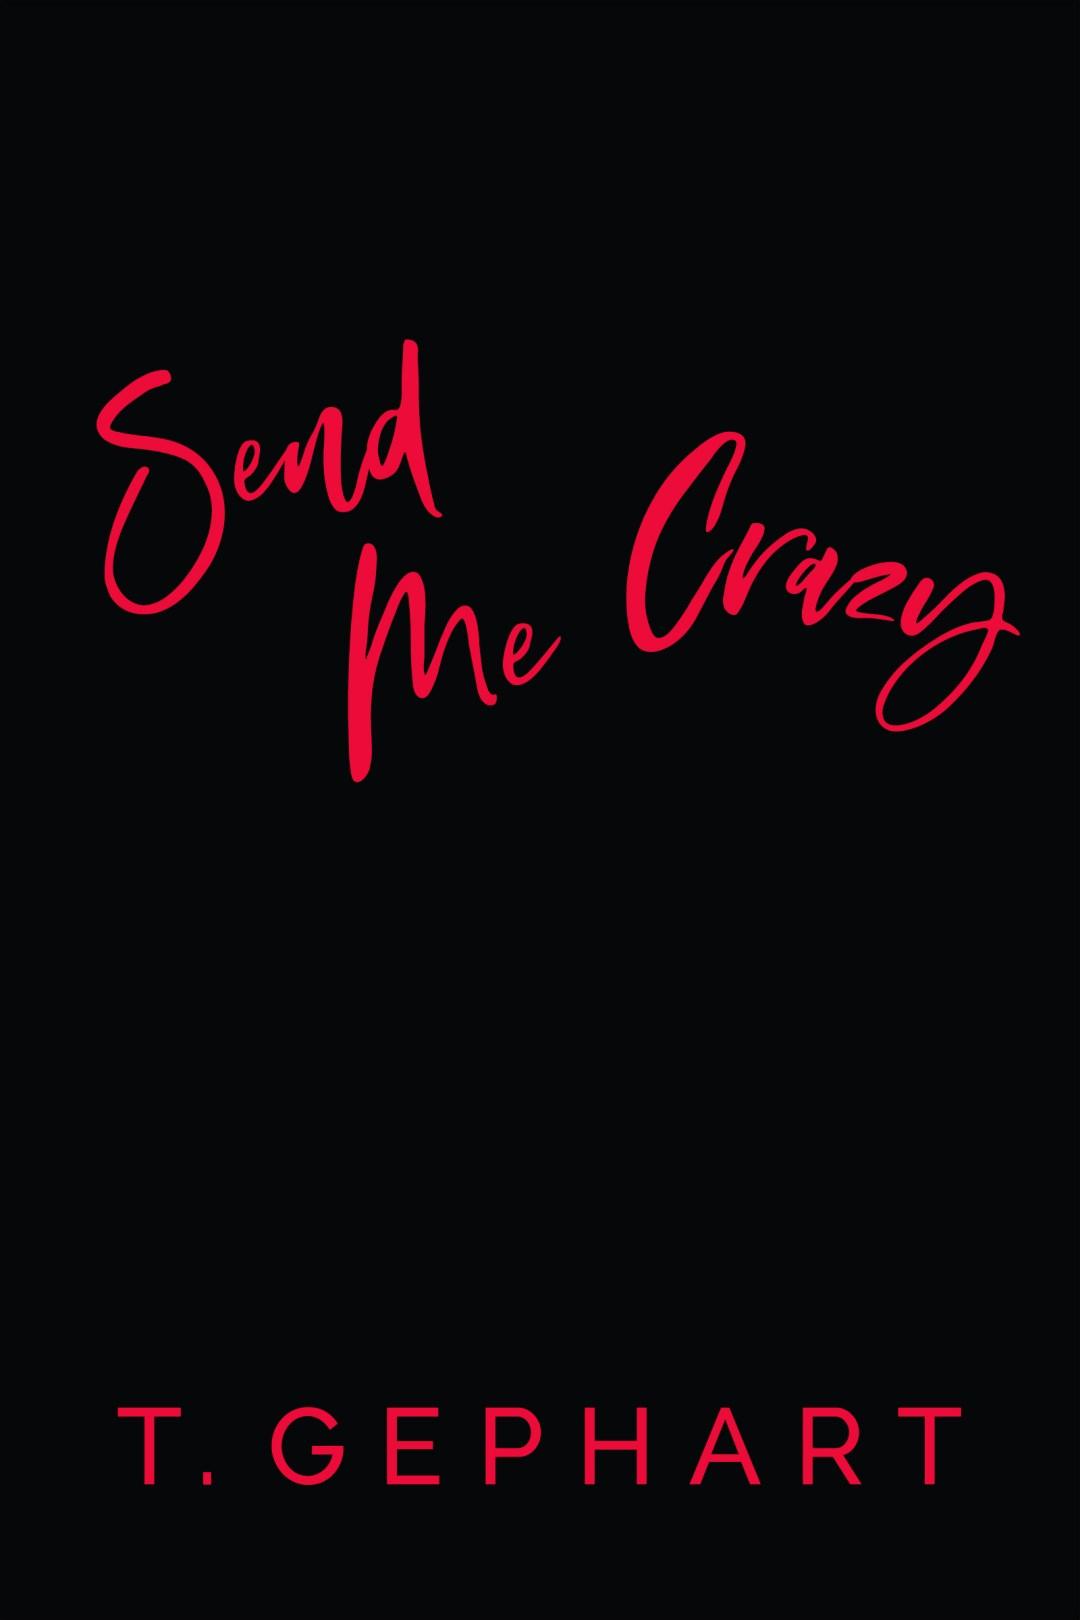 Send Me Crazy